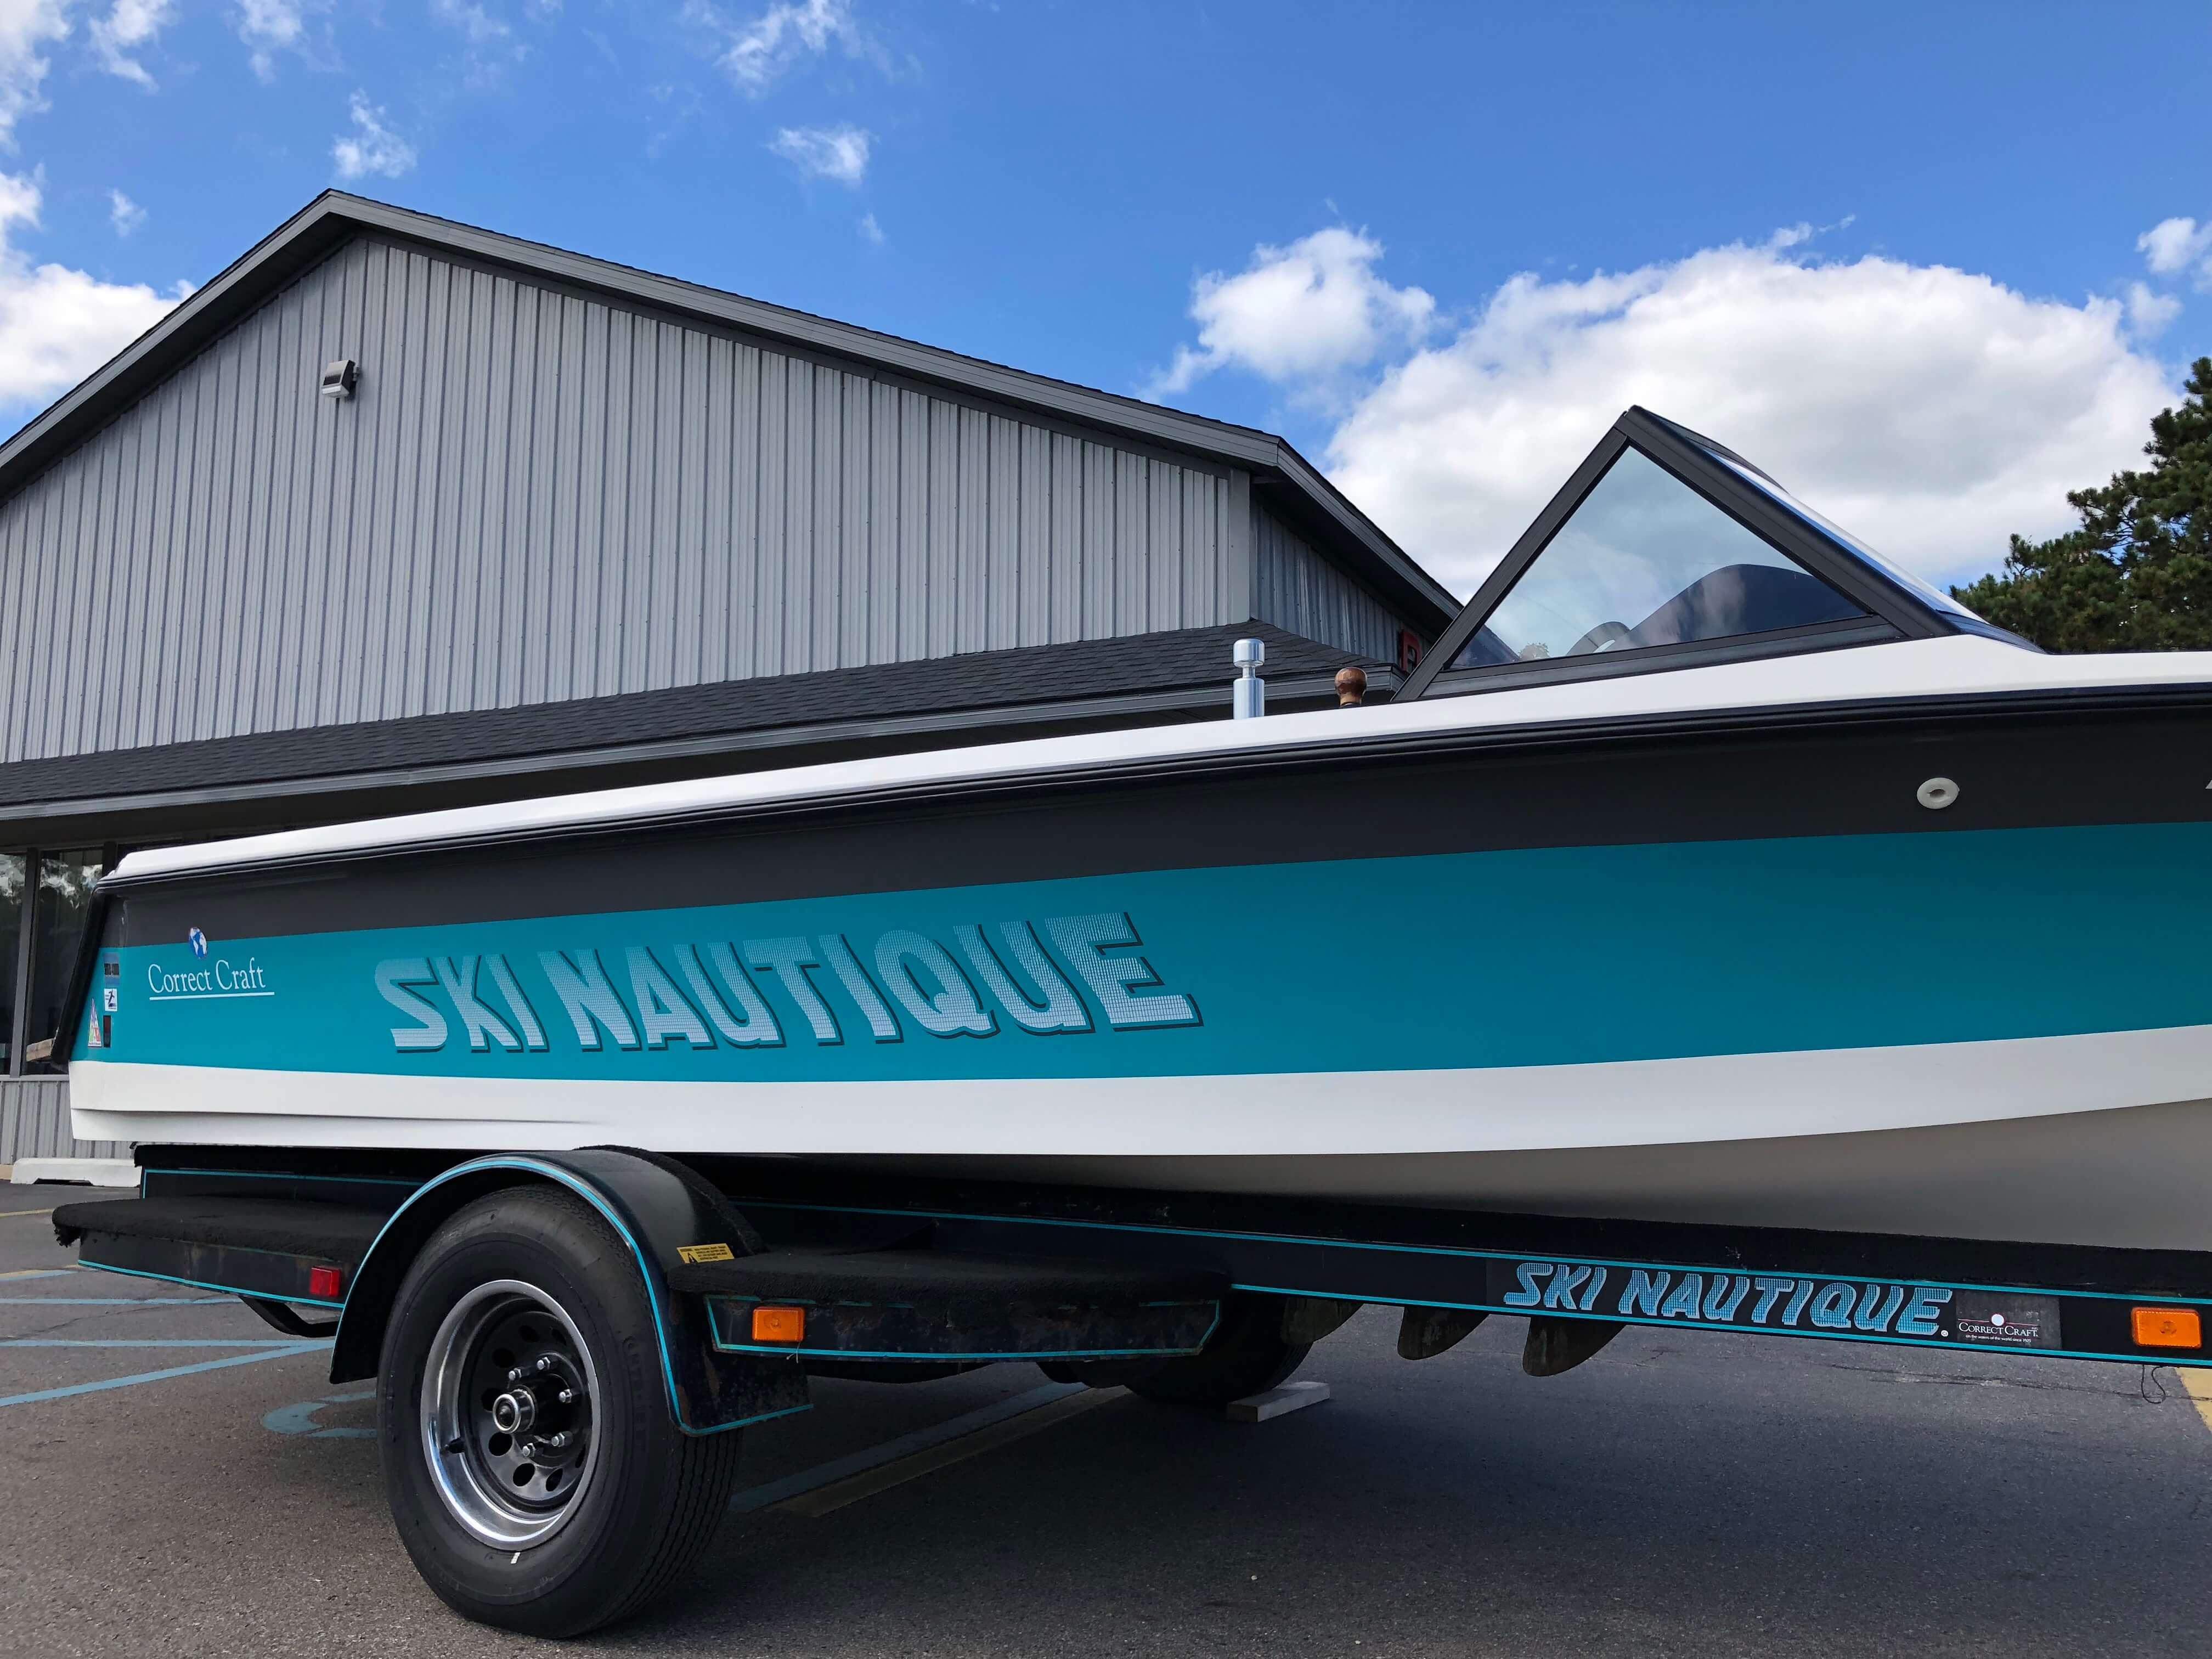 1990 Ski Nautique Ski Boat 3